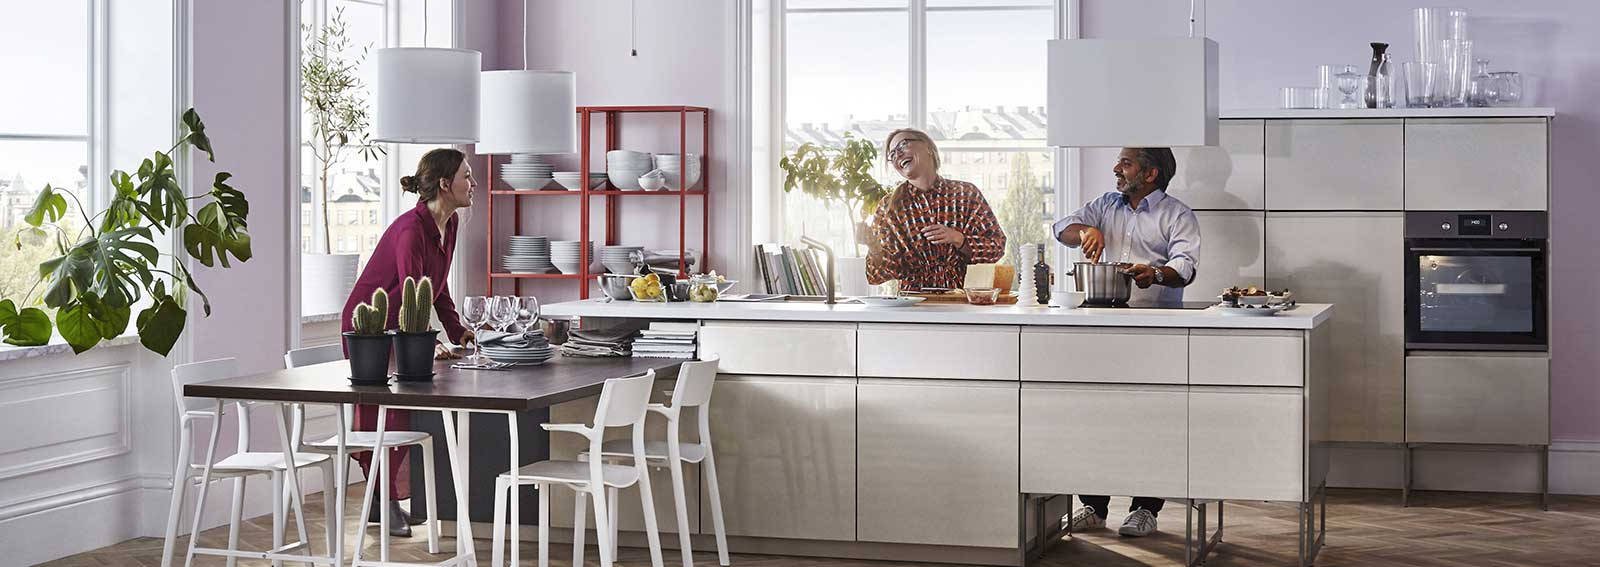 Le migliori marche di cucine vesto casa - Le migliori marche di cucine componibili ...